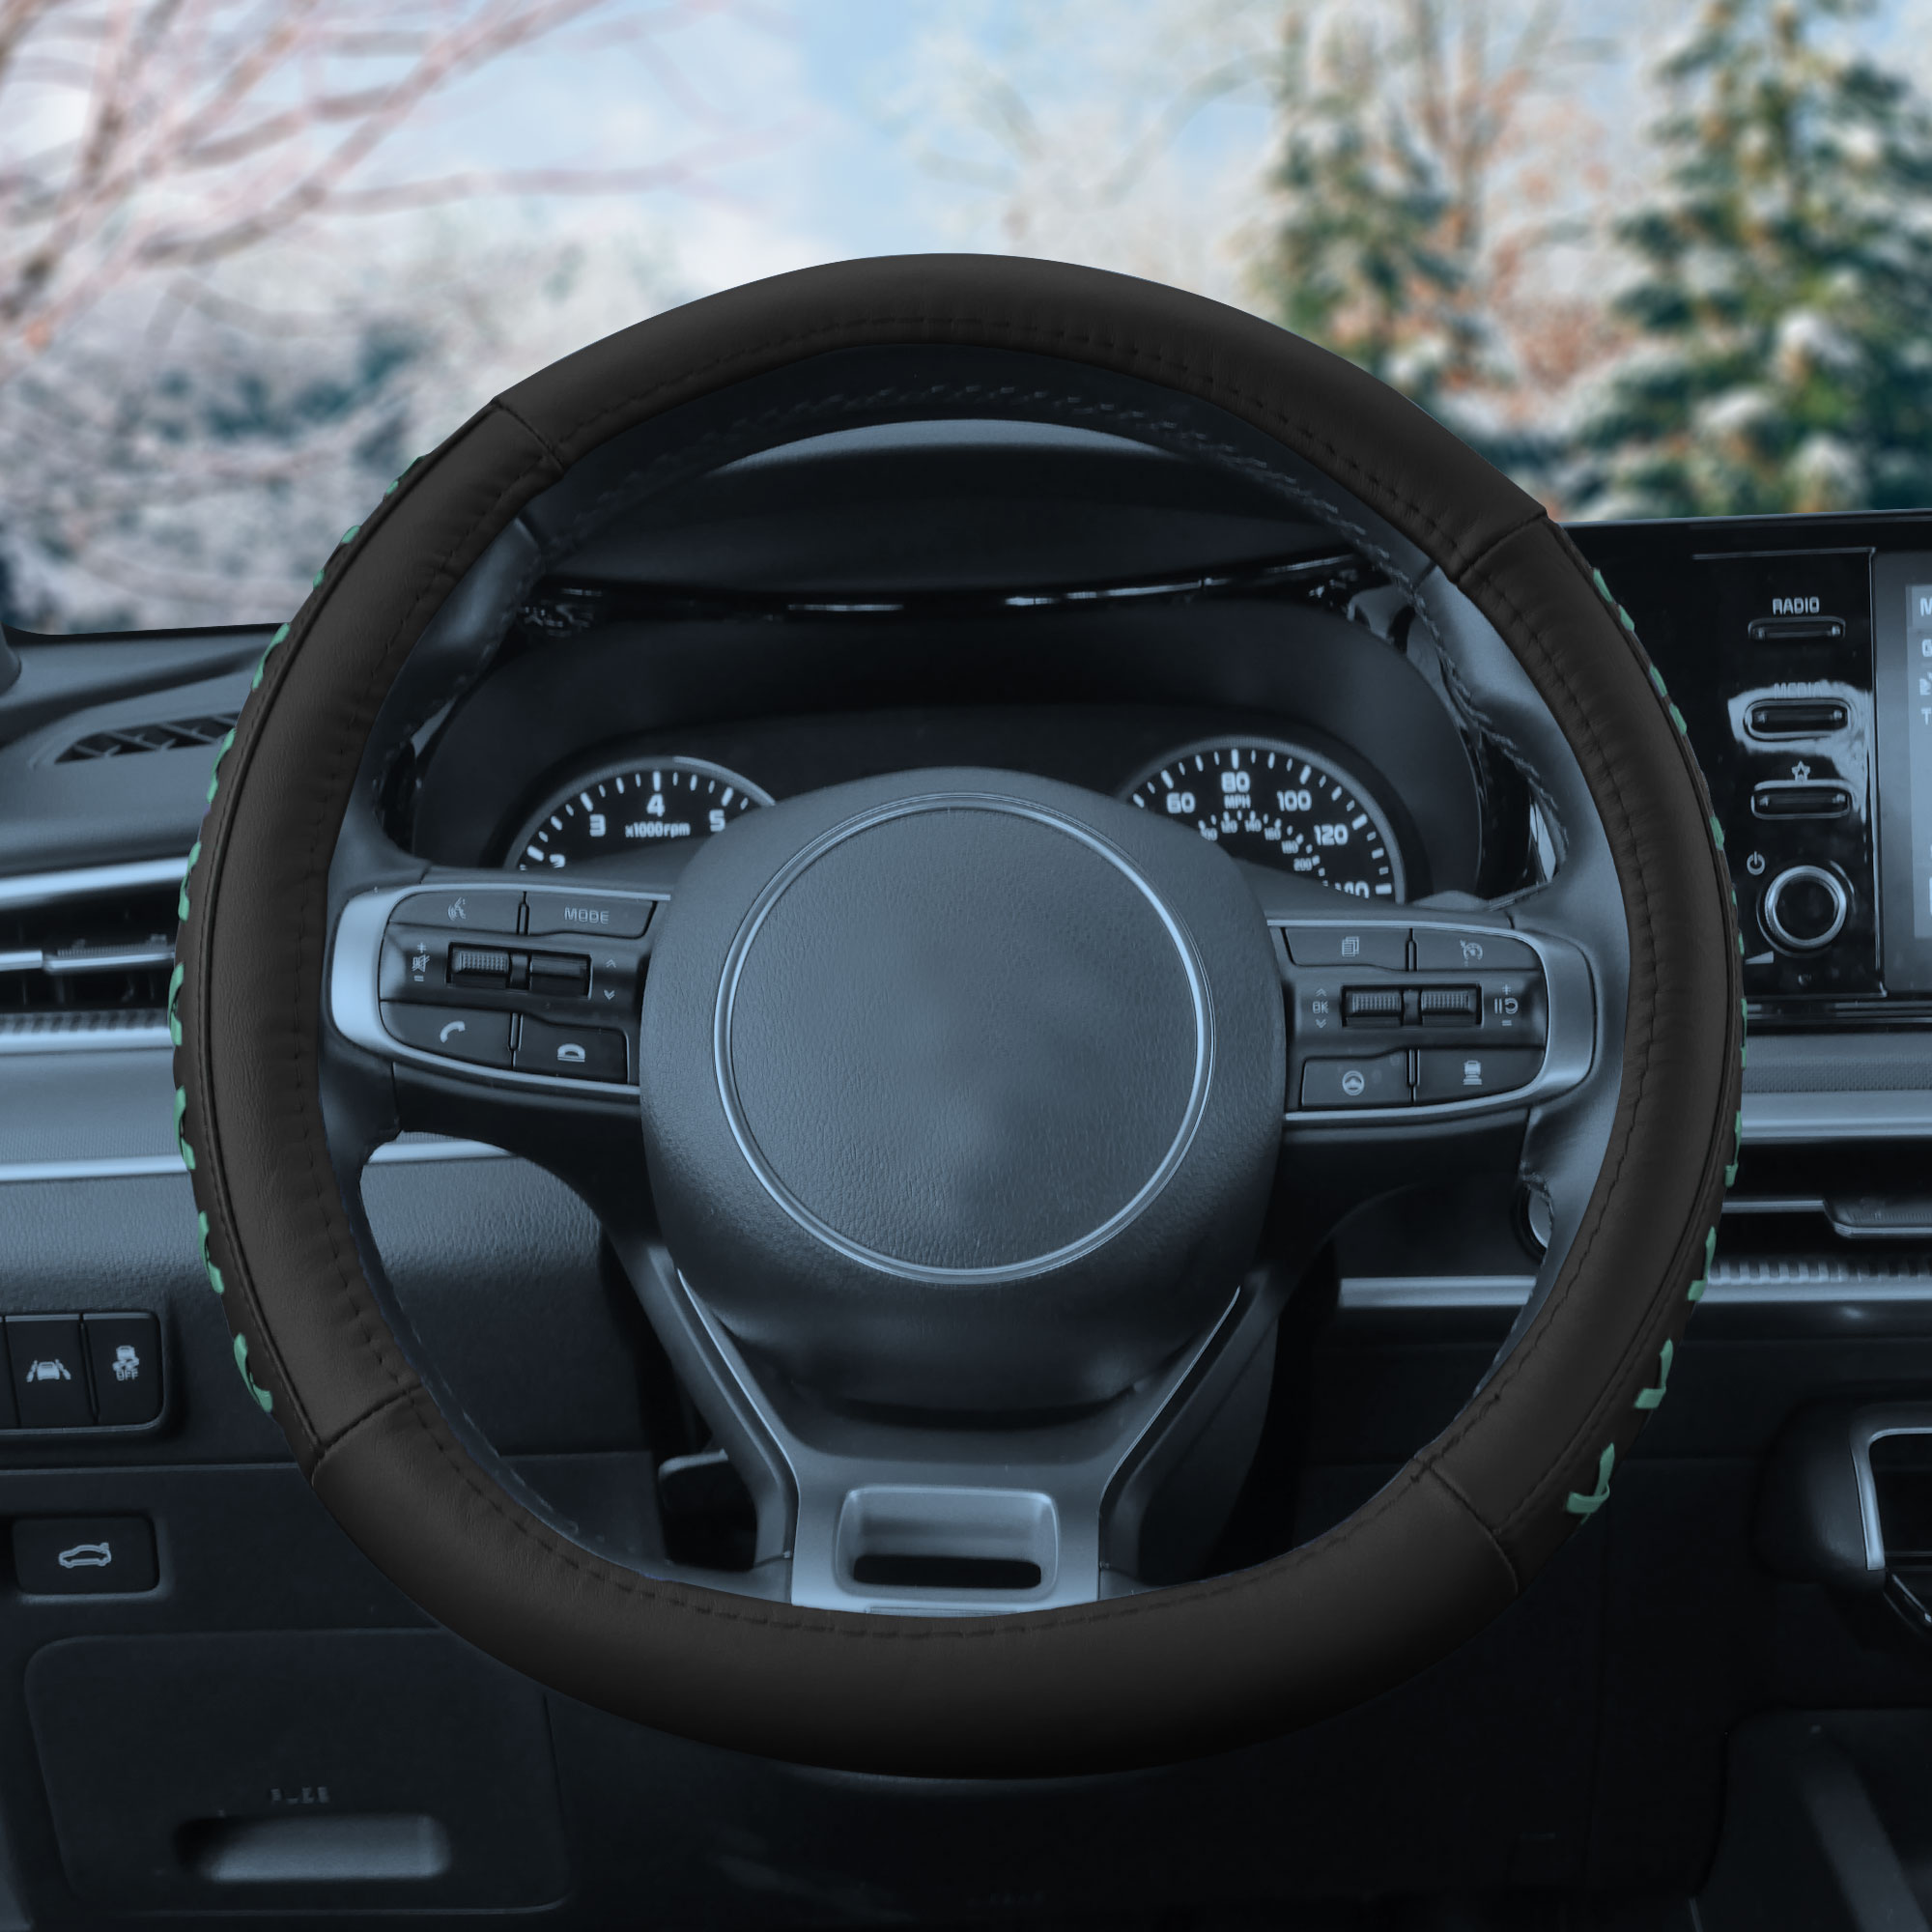 fh2022 mint steering wheel 1